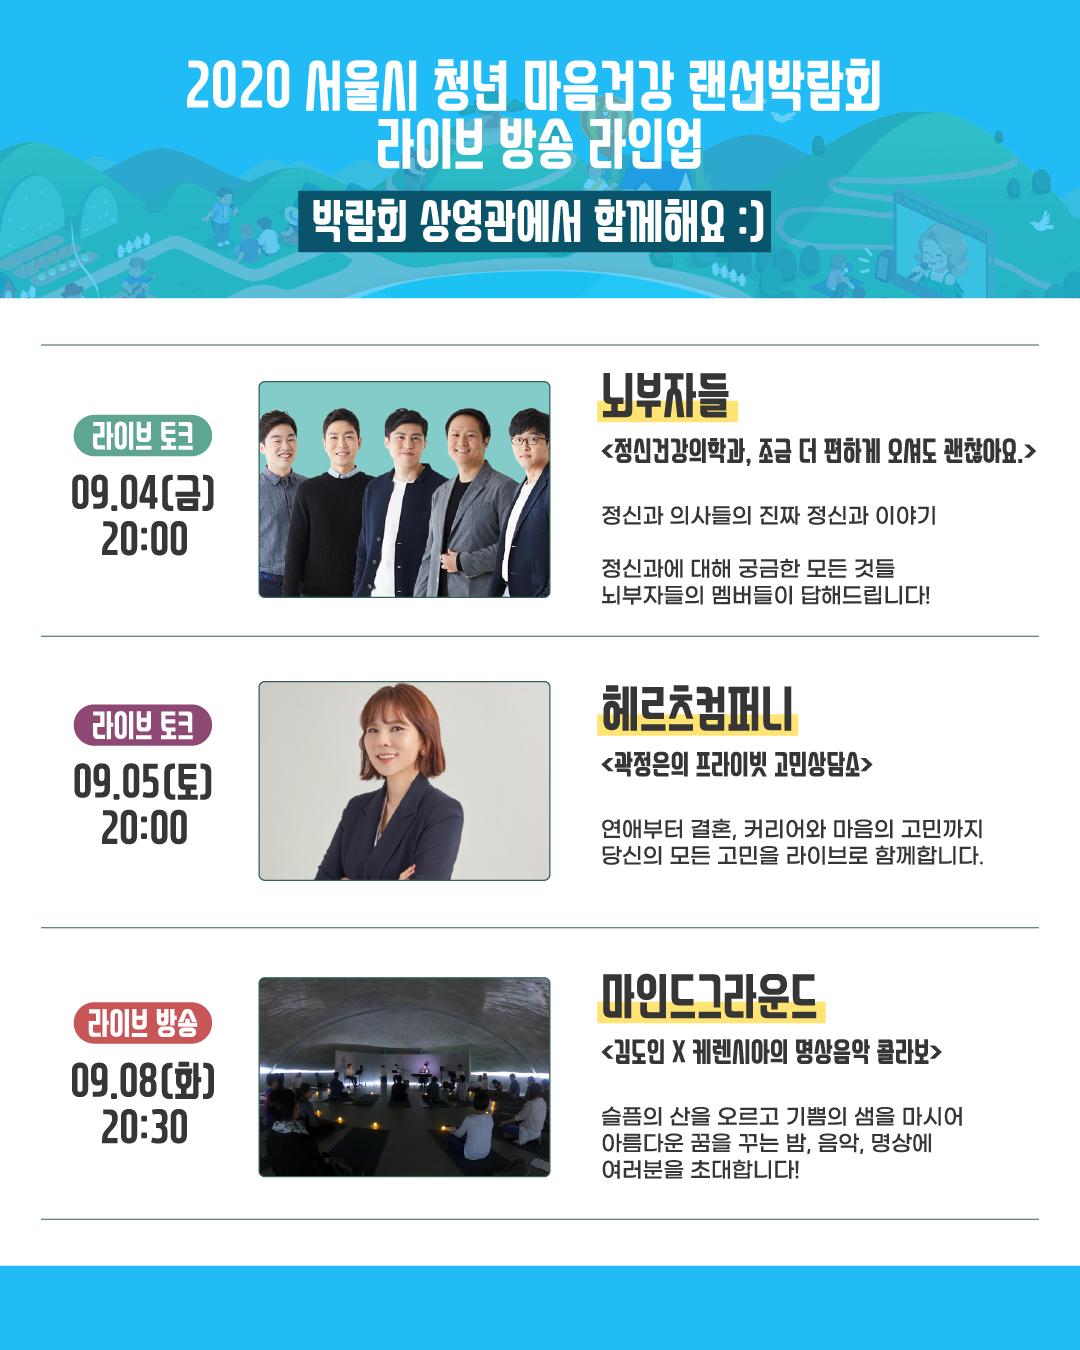 라이브 방송 라인업 ©서울시청년마음건강랜선박람회